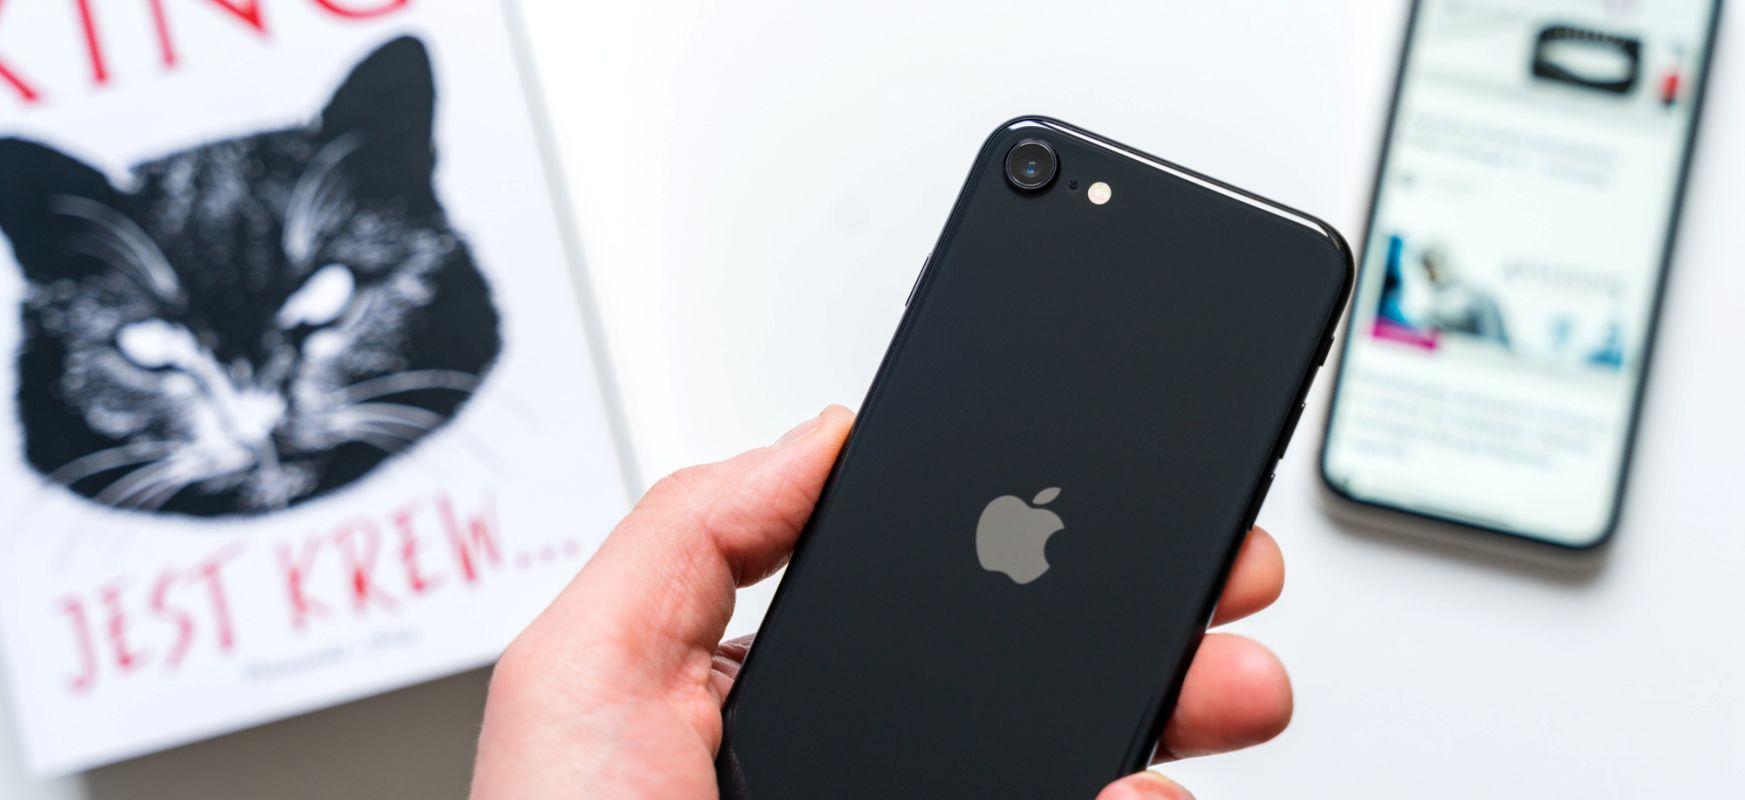 IPhone-k pandemiarako prest dagoenetik - Face IDk maskara ezagutzen du, iOS-ek kutsatutako pertsona batekin hitzordua jakinaraziko dizu